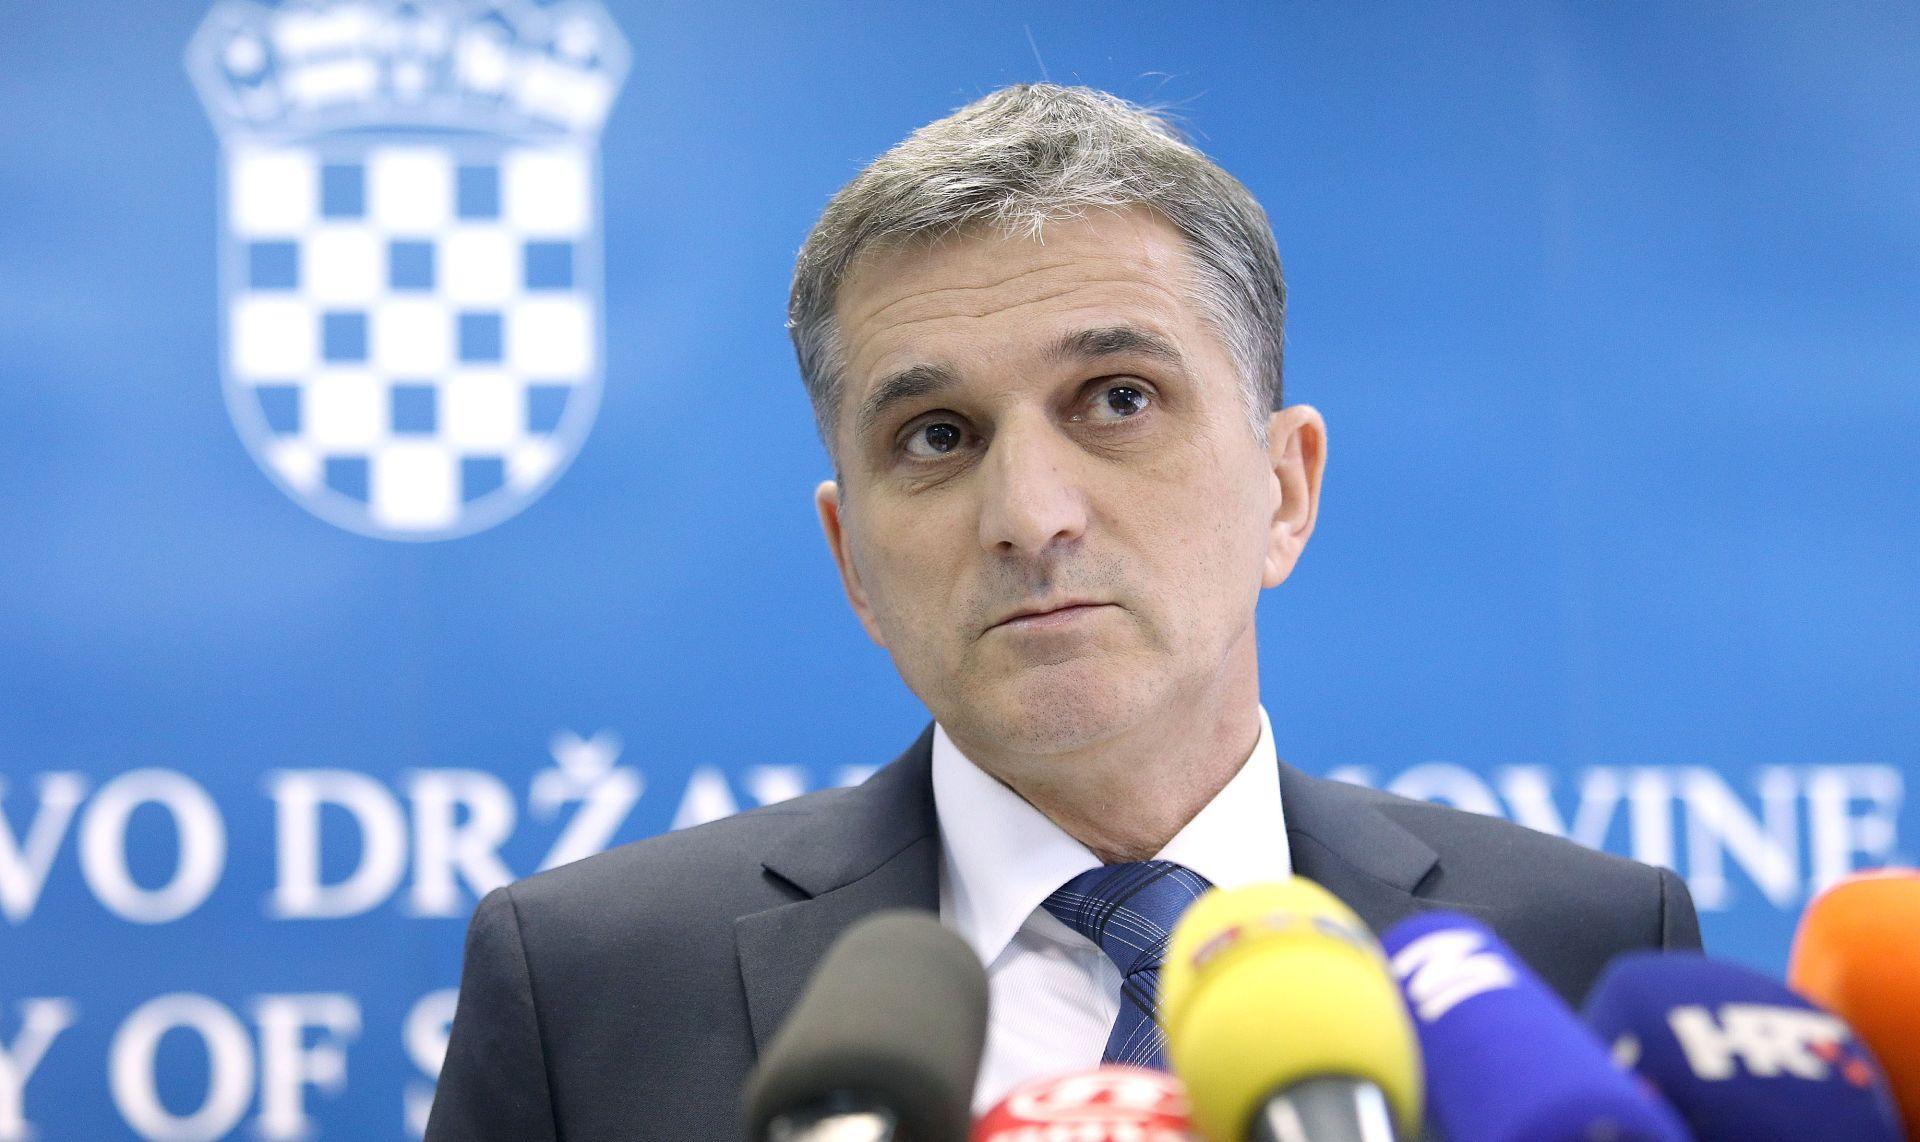 Ministar Marić lokalnim jedinicama prepustio nekoliko nekretnina